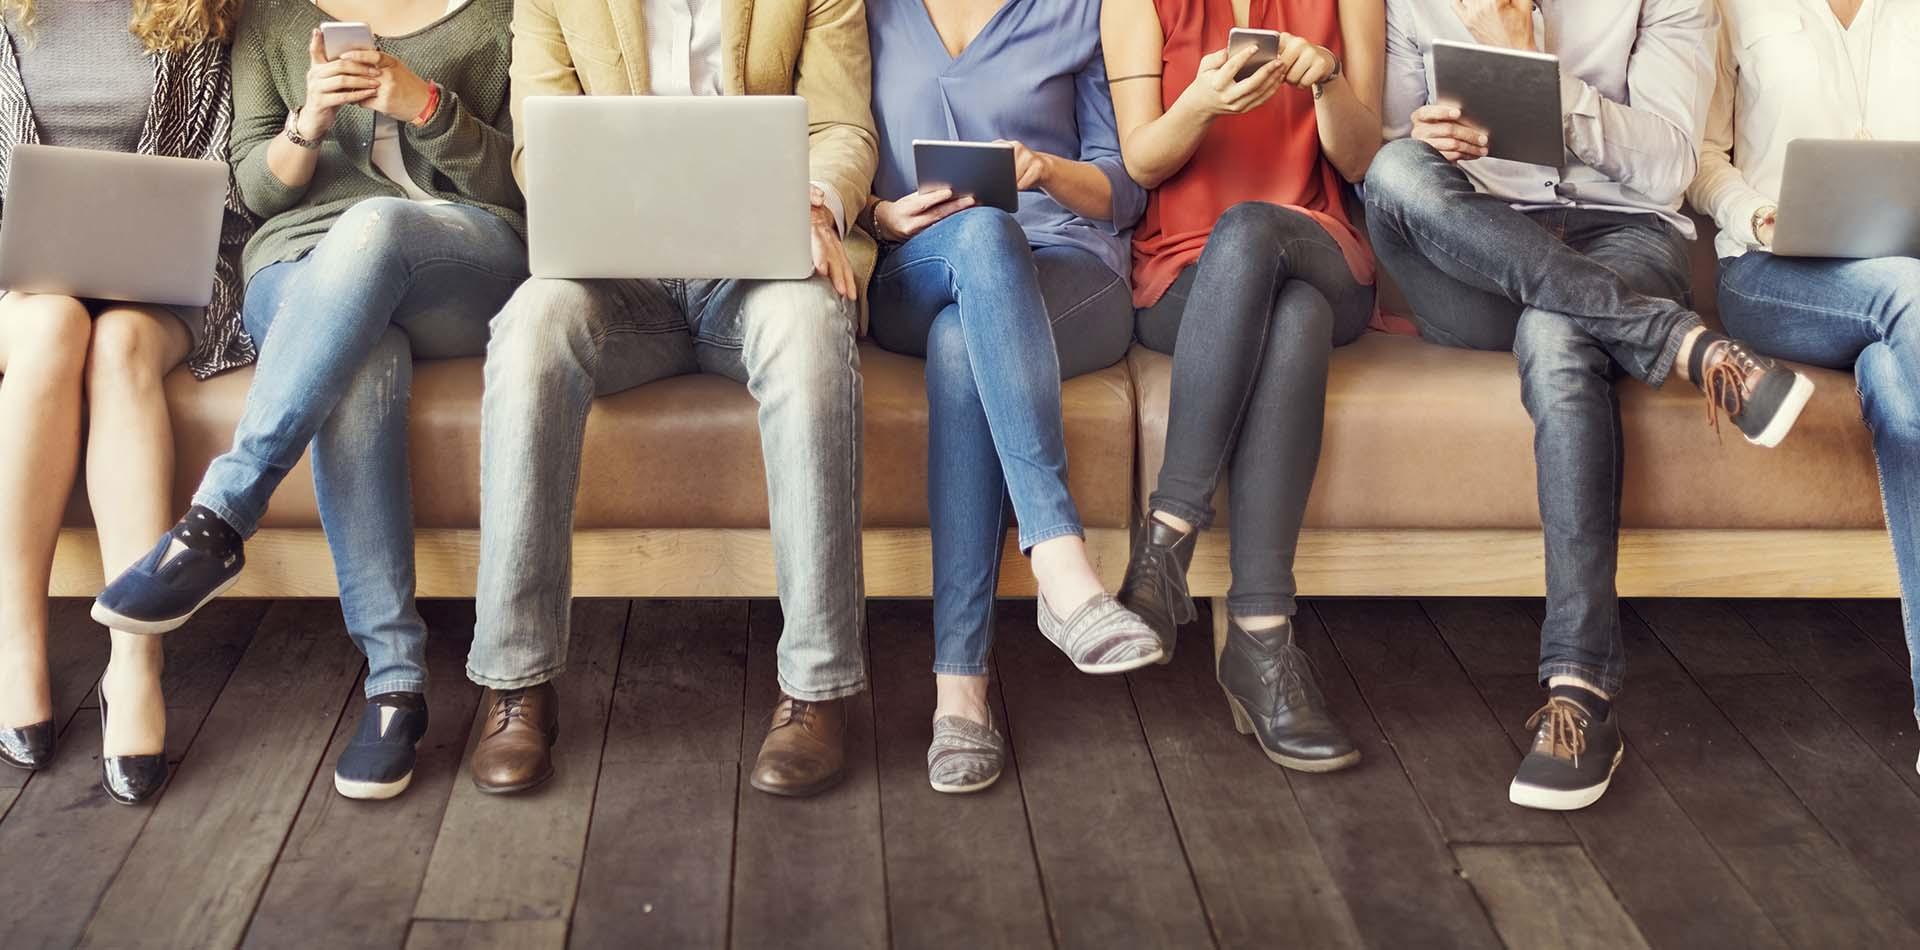 Digitalisierung für mehr Bürgernähe in Behörden